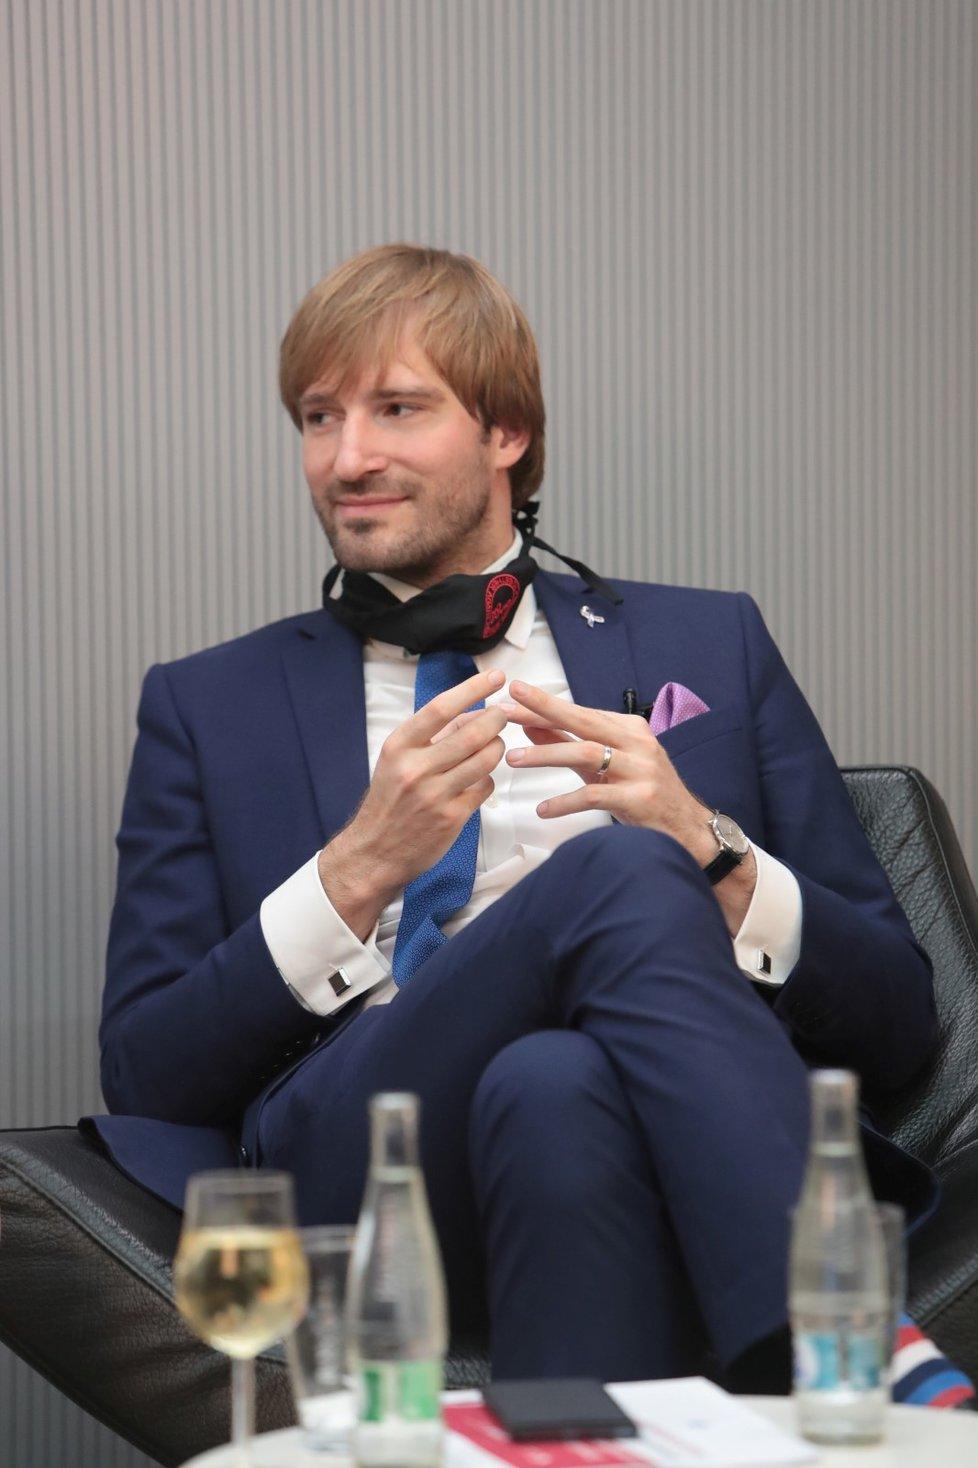 Ministr zdravotnictví Adam Vojtěch při debatě o životě po koronaviru (29. 6. 2020)